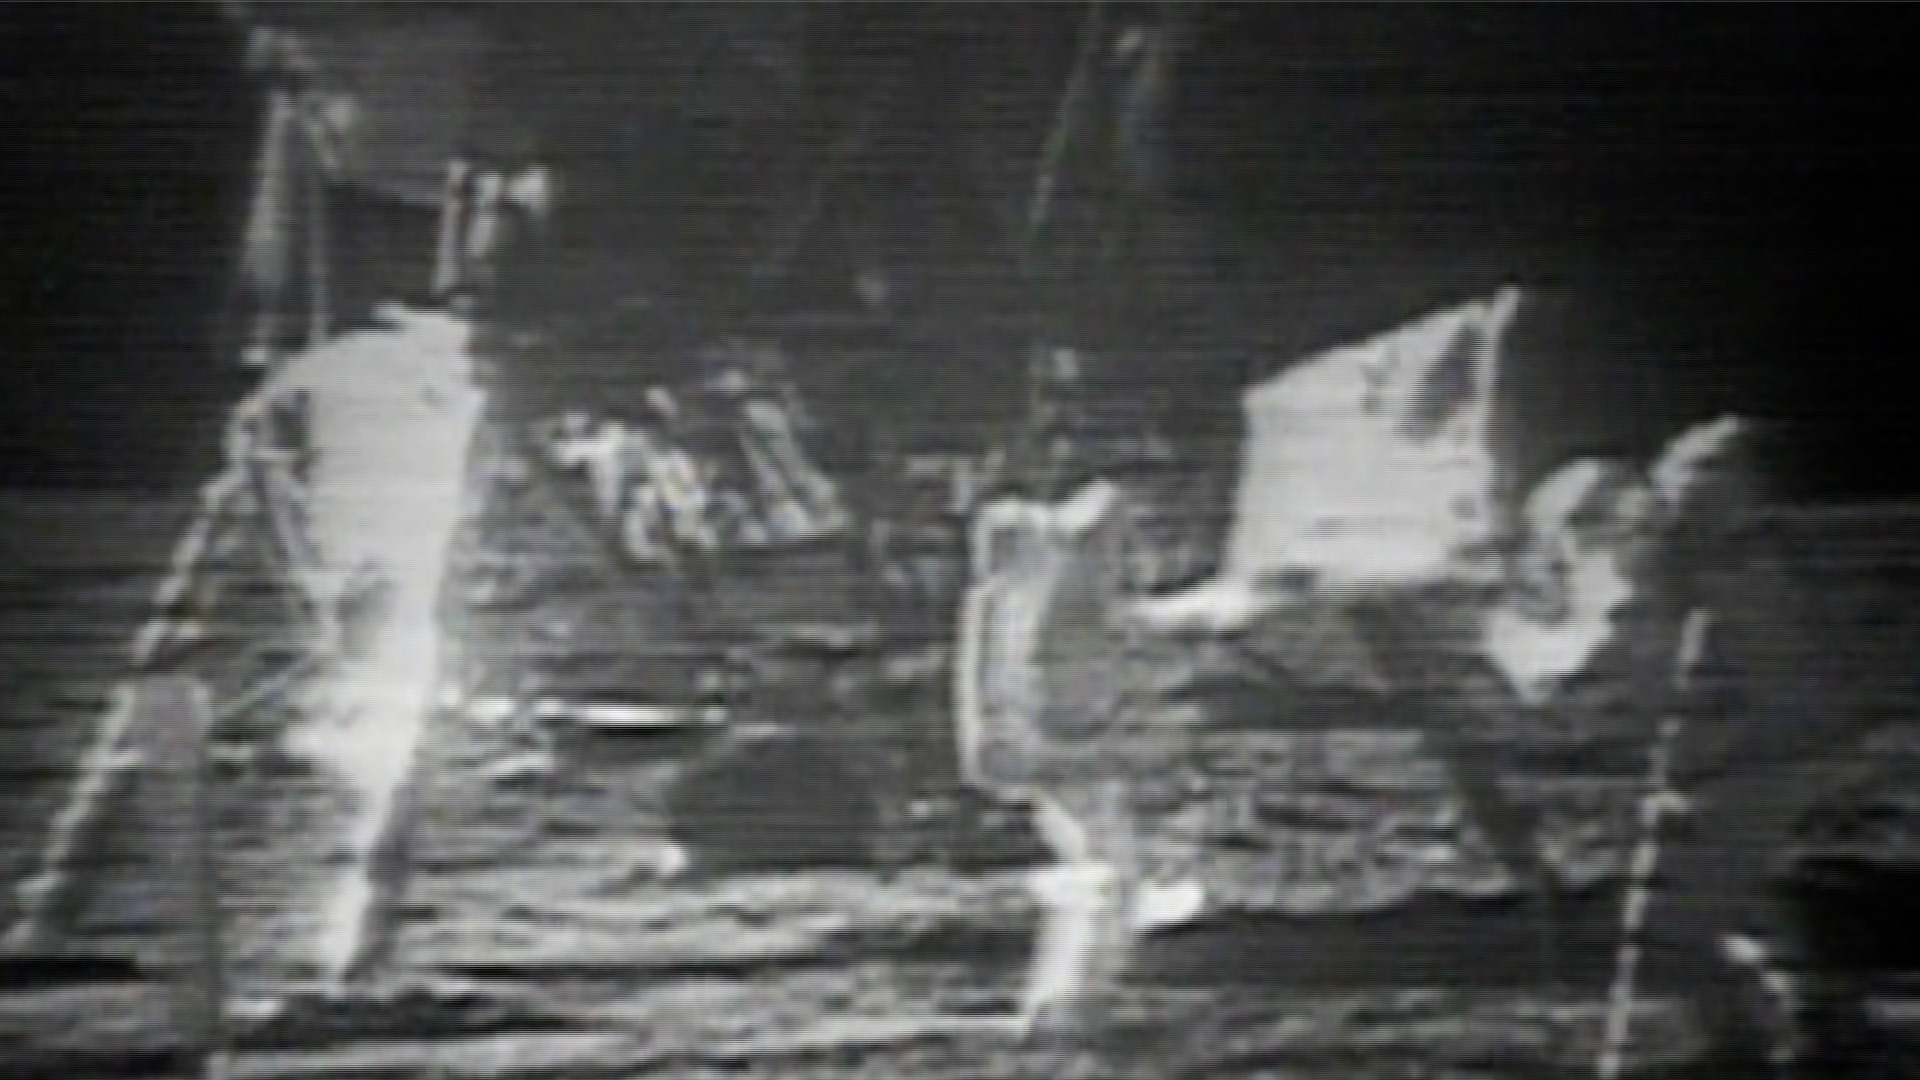 Rocznica misji Apollo 11. 50 lat temu ludzie polecieli na Księżyc